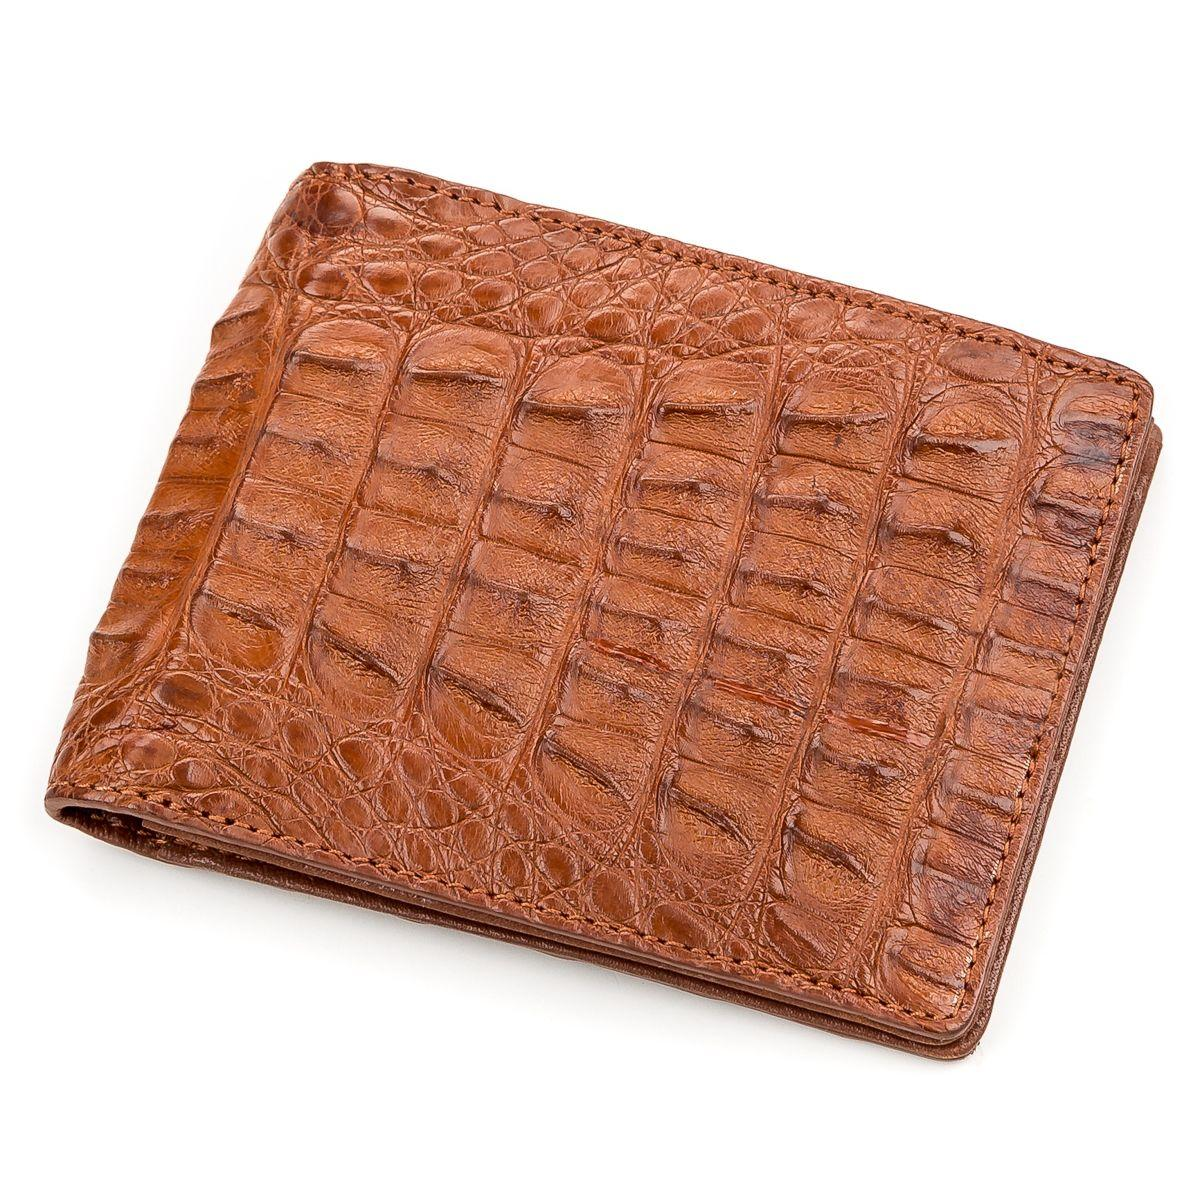 Кошелек Crocodile Leather 18164 Из Натуральной Кожи Крокодила Коричневый, Коричневый